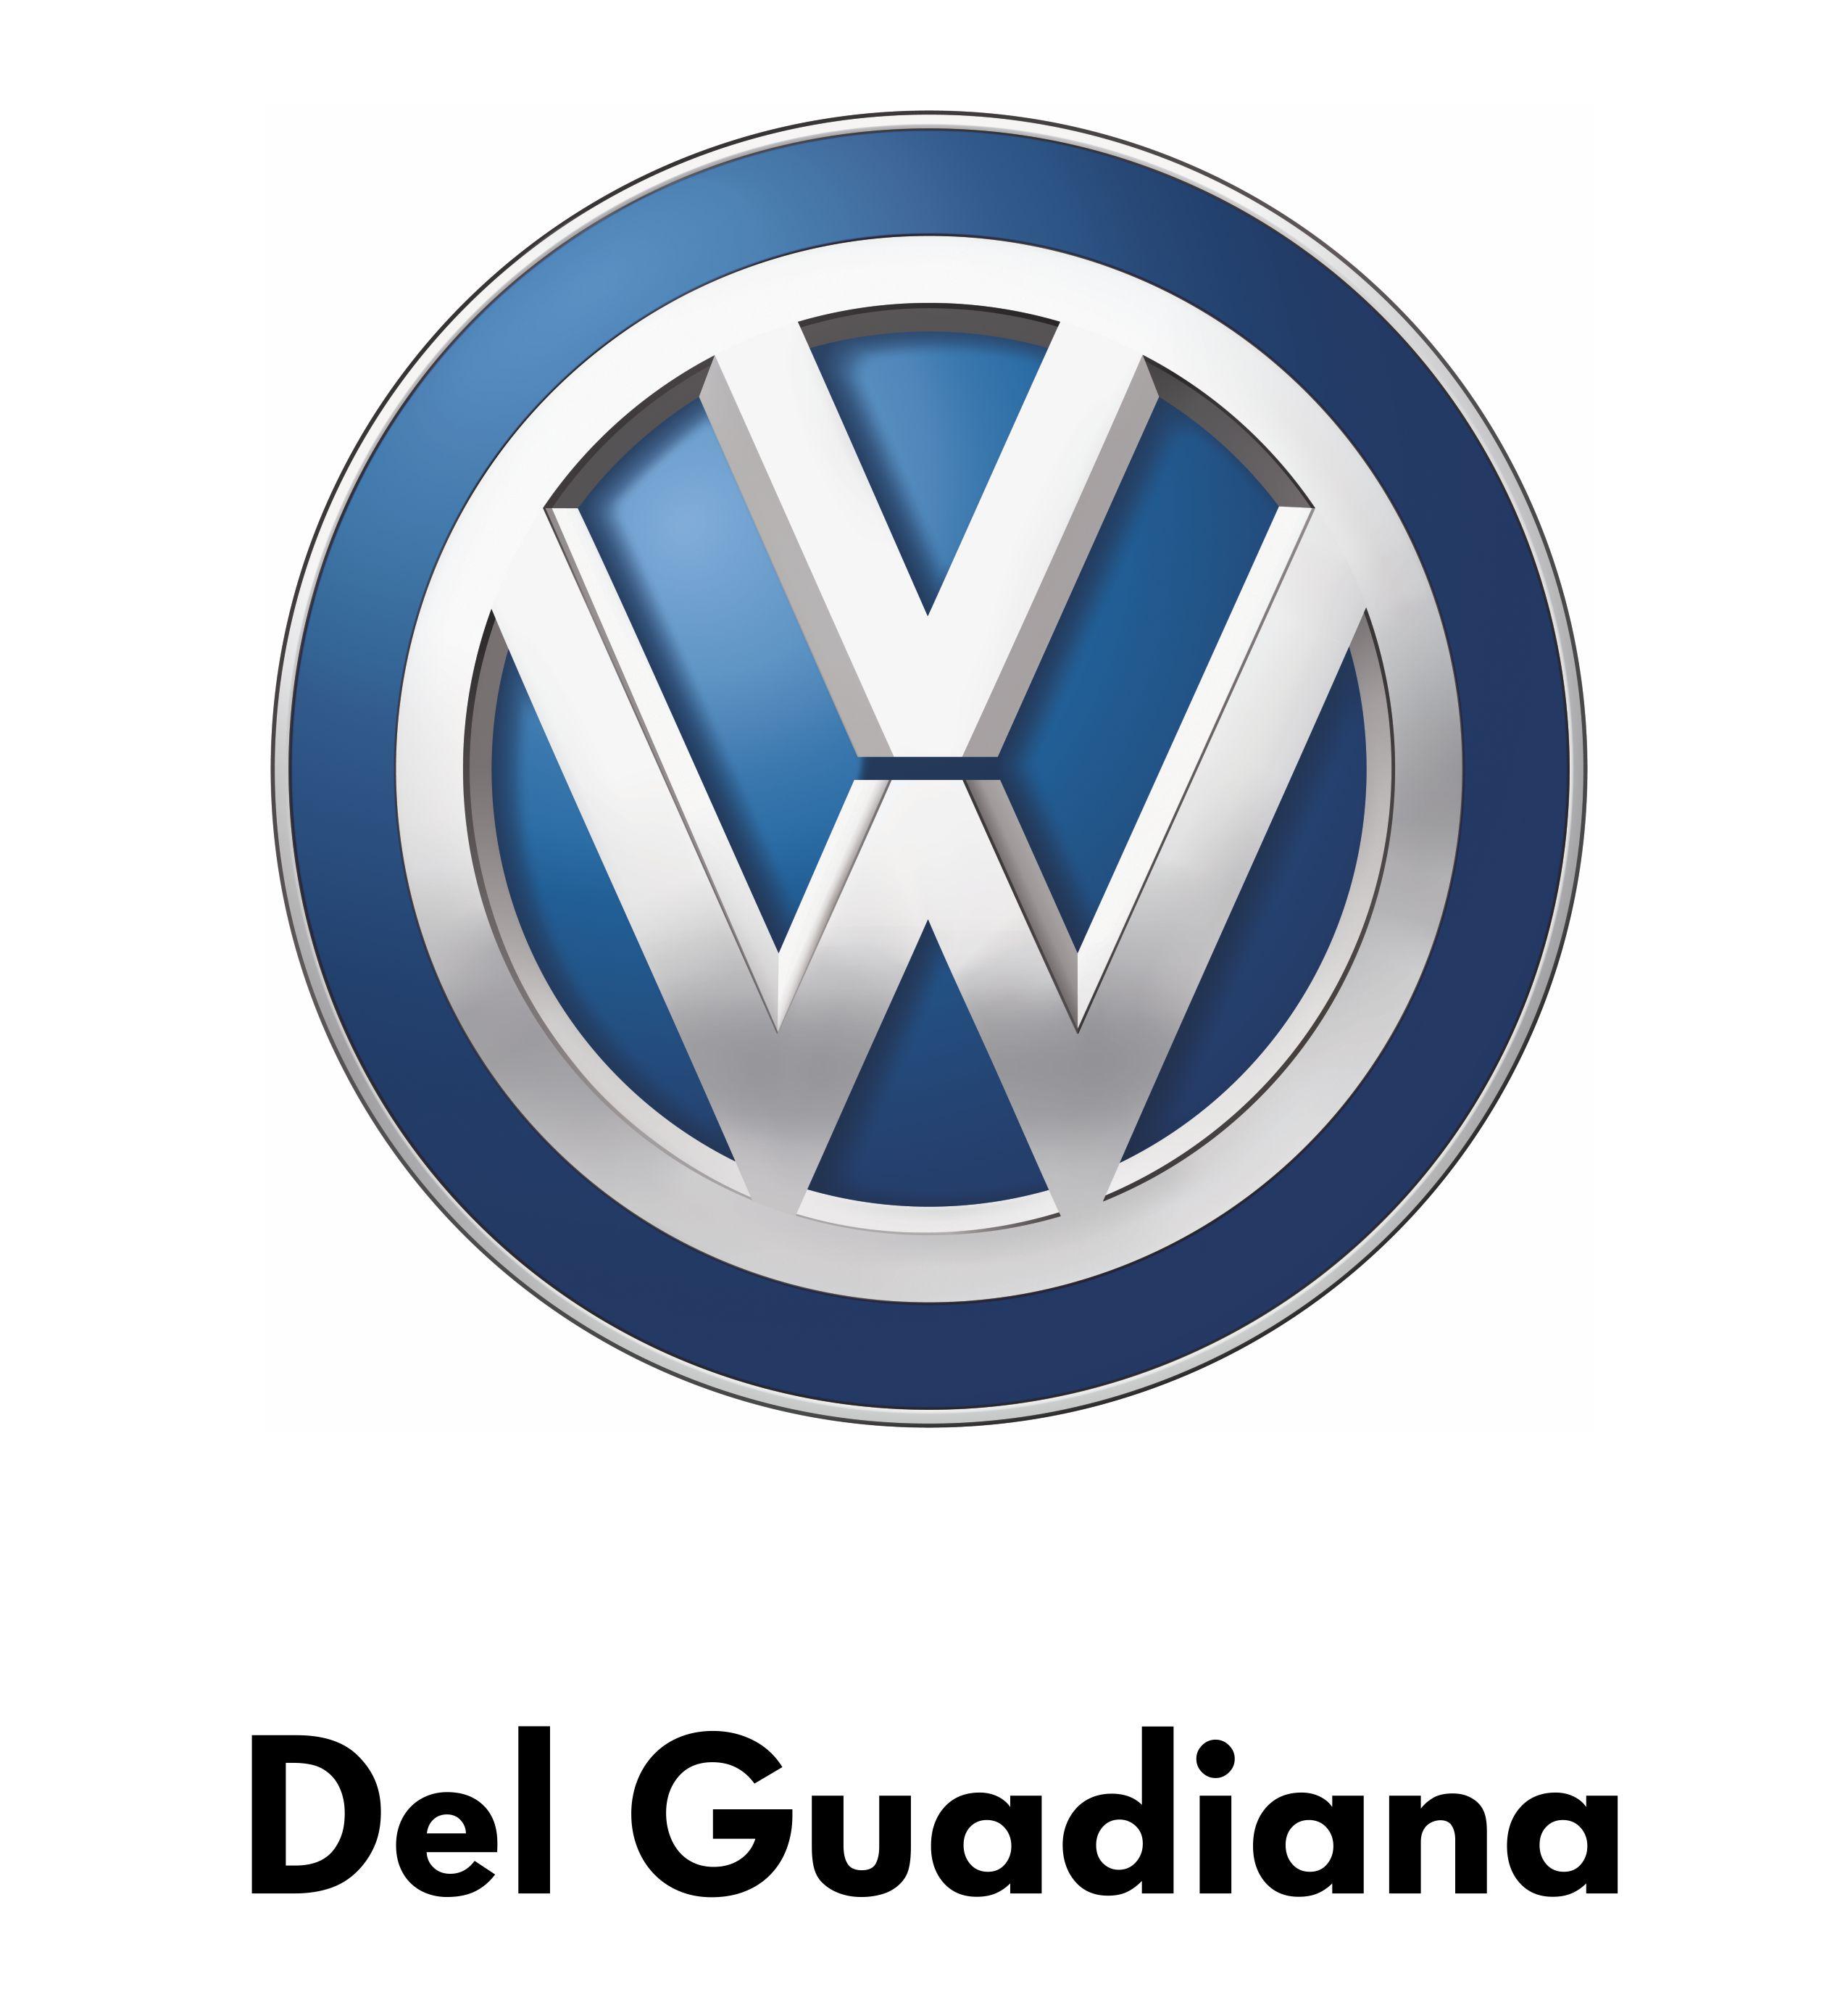 Ver más vehículos de Volkswagen Delguadiana